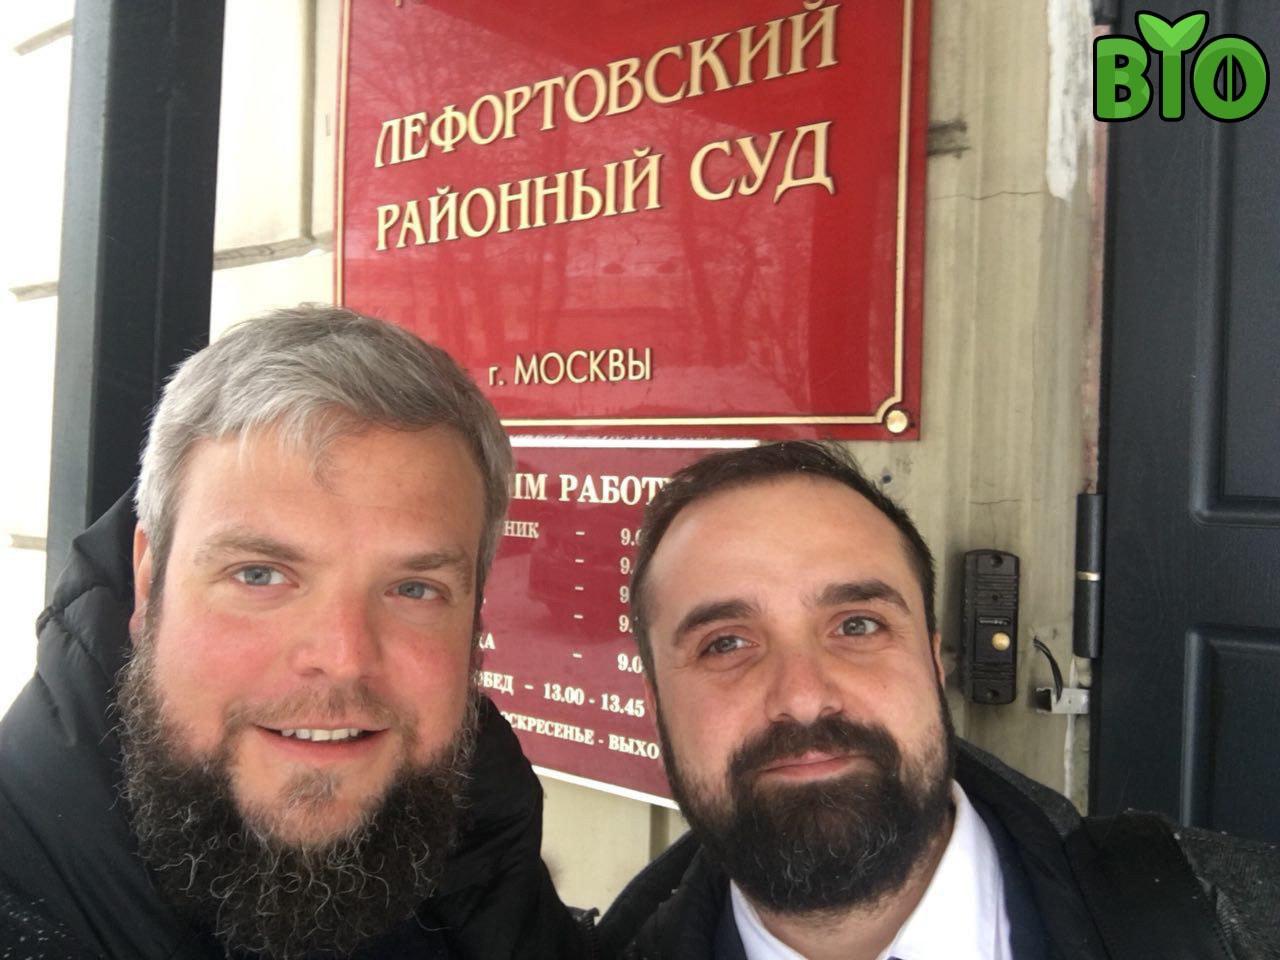 Лефортовская прокуратура, Роскомнадзор и BioCoin